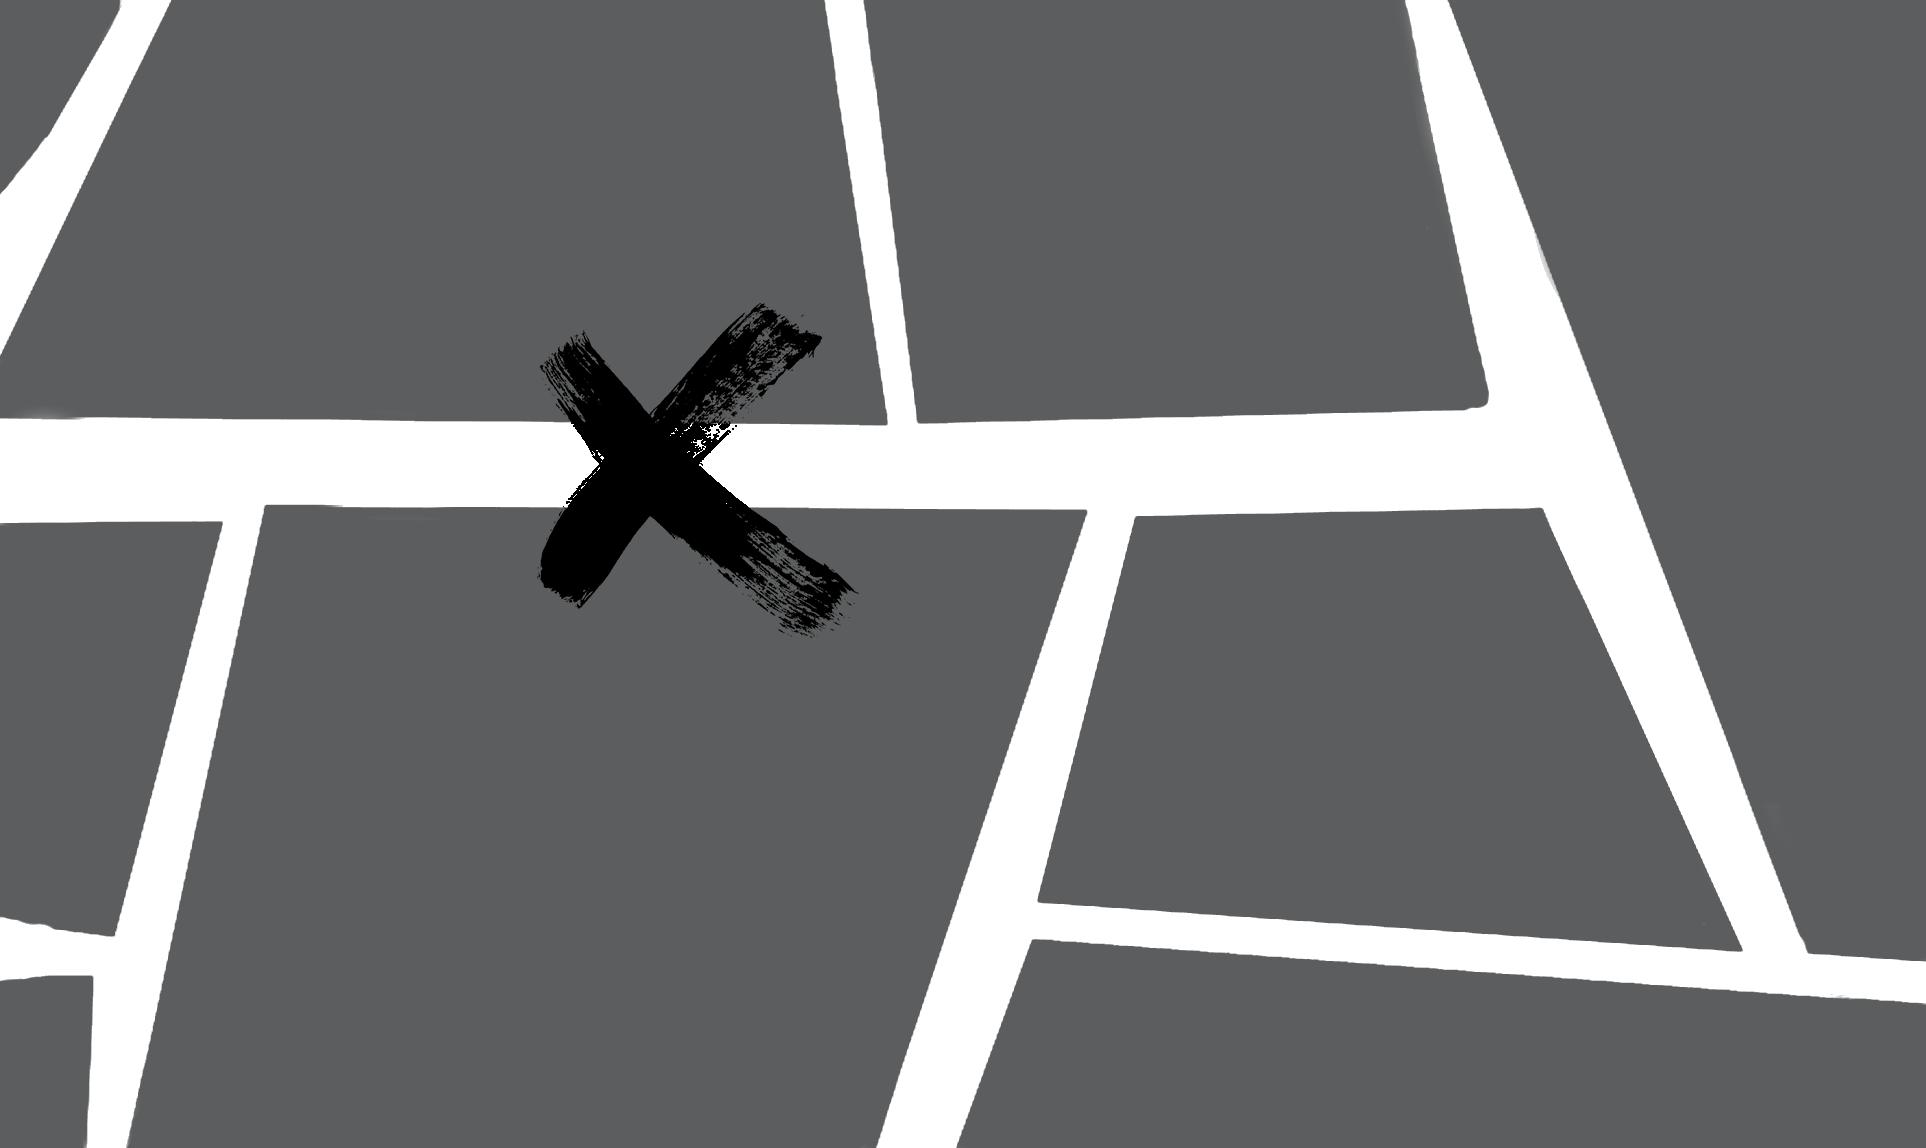 hvordan legge skifer - legganvisning - systemblokk